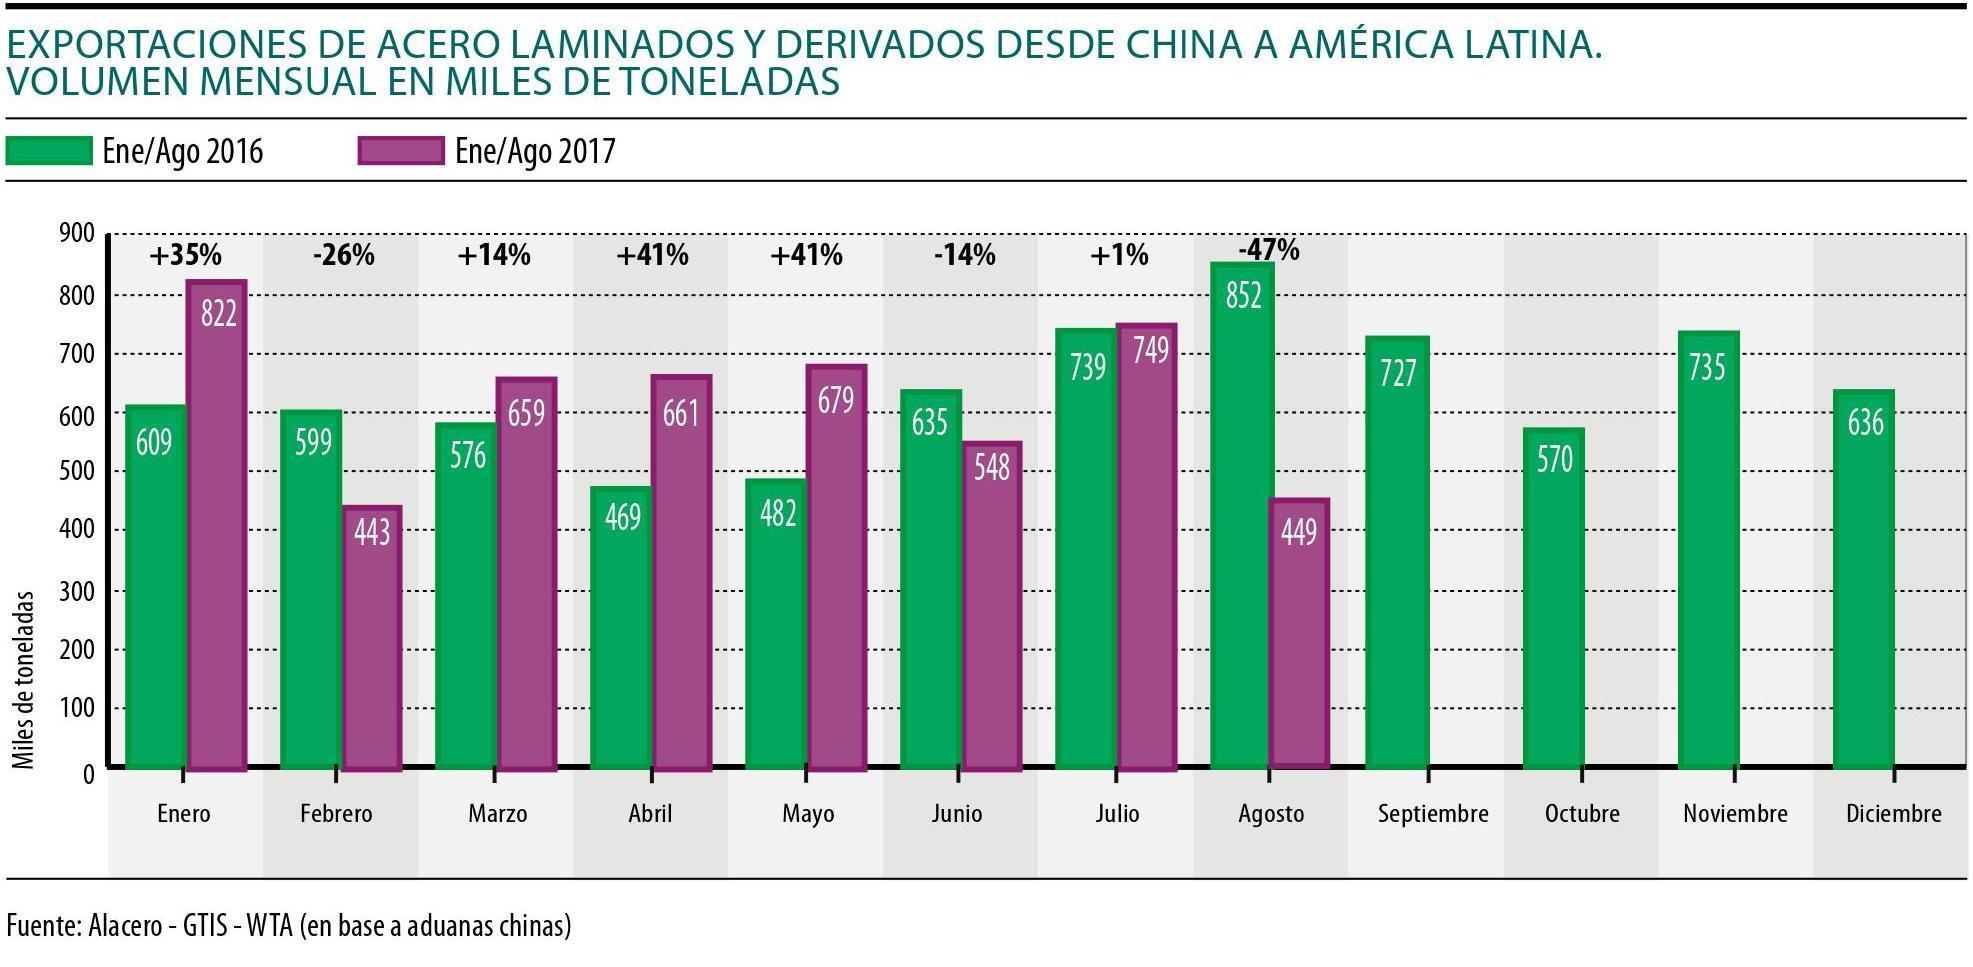 Exportaciones de Acero, China - America Latina